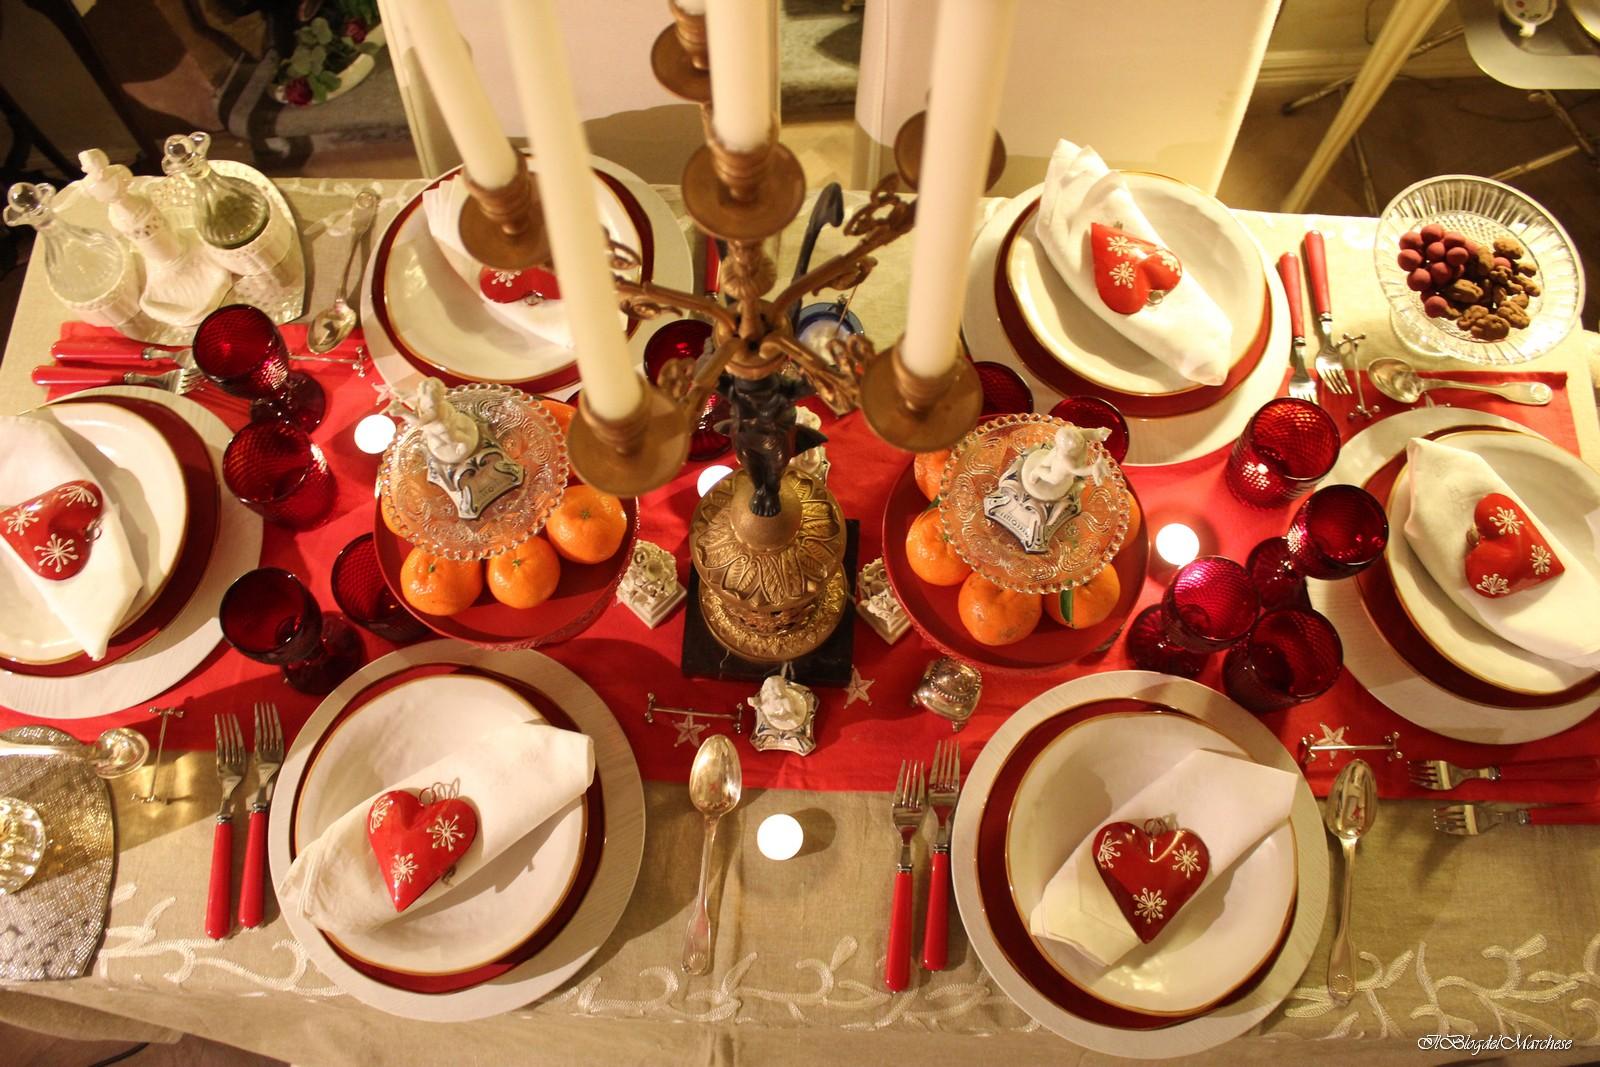 La tavola di natale idee per addobbare la tavola di natale - La tavola di melusinda ...